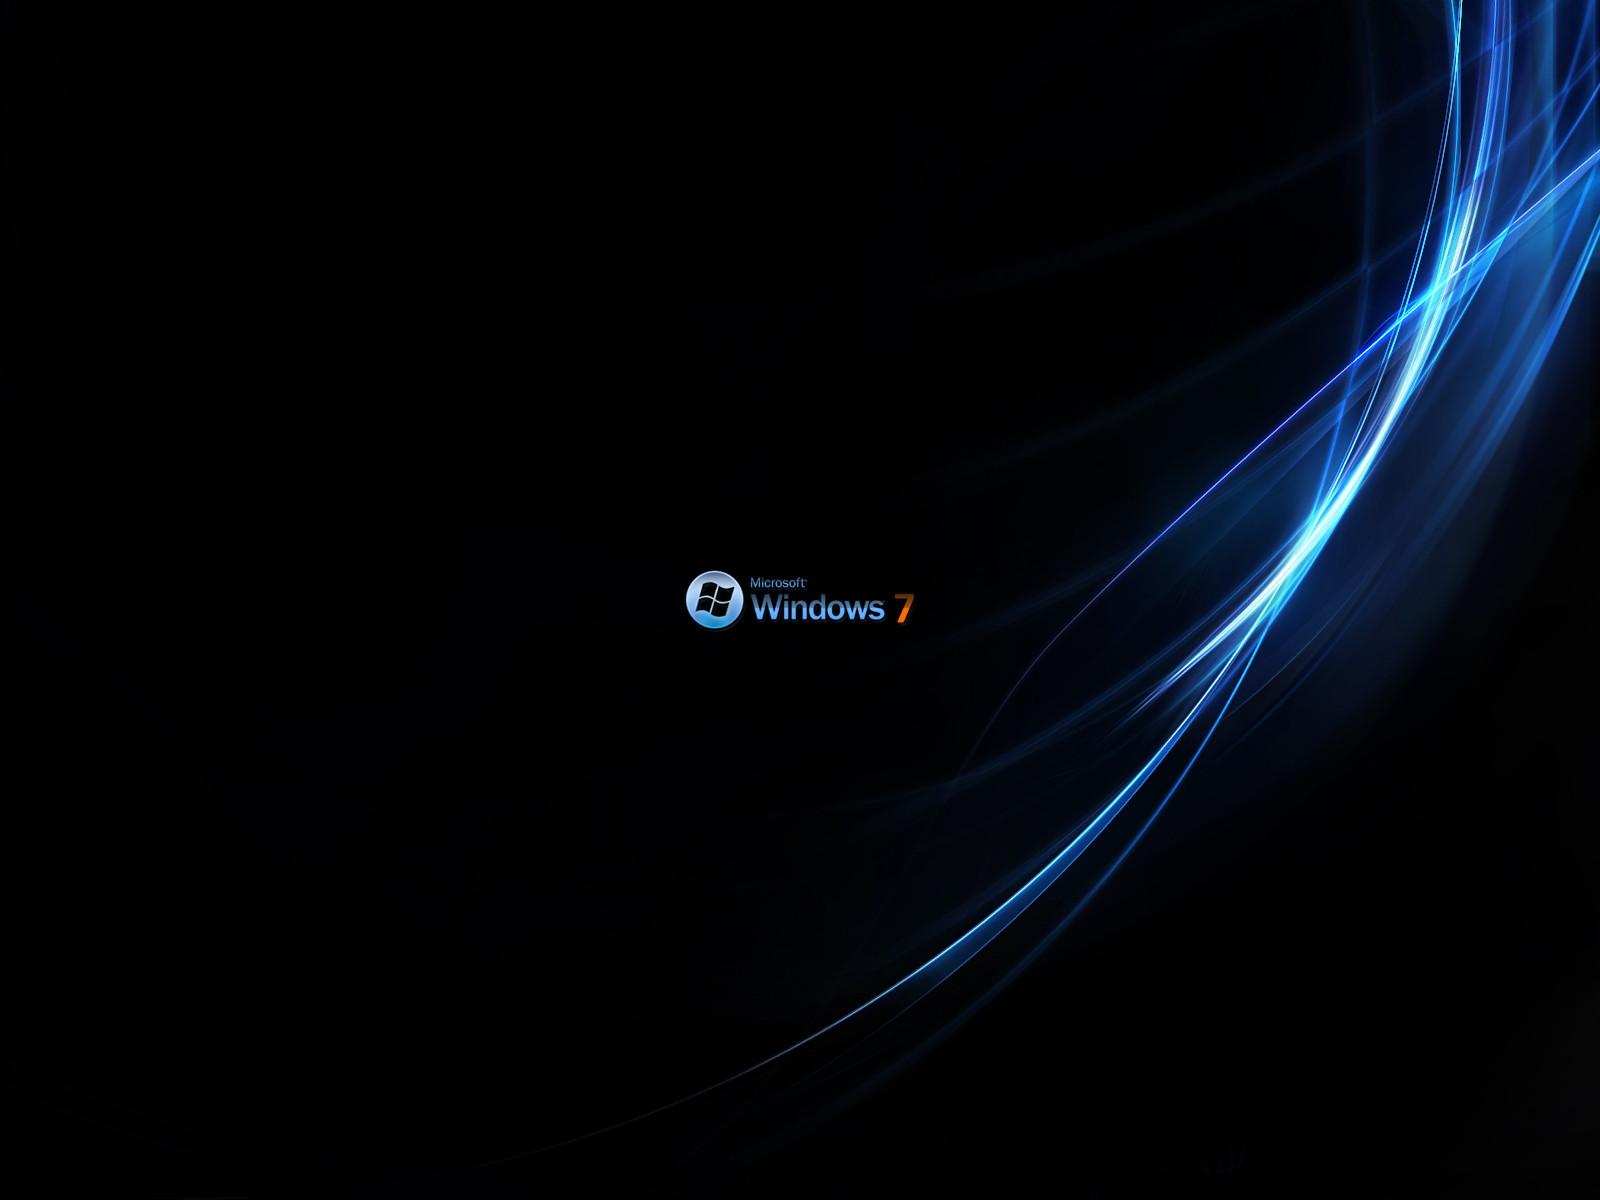 Fond d'ecran Windows 7 vagues - Wallpaper